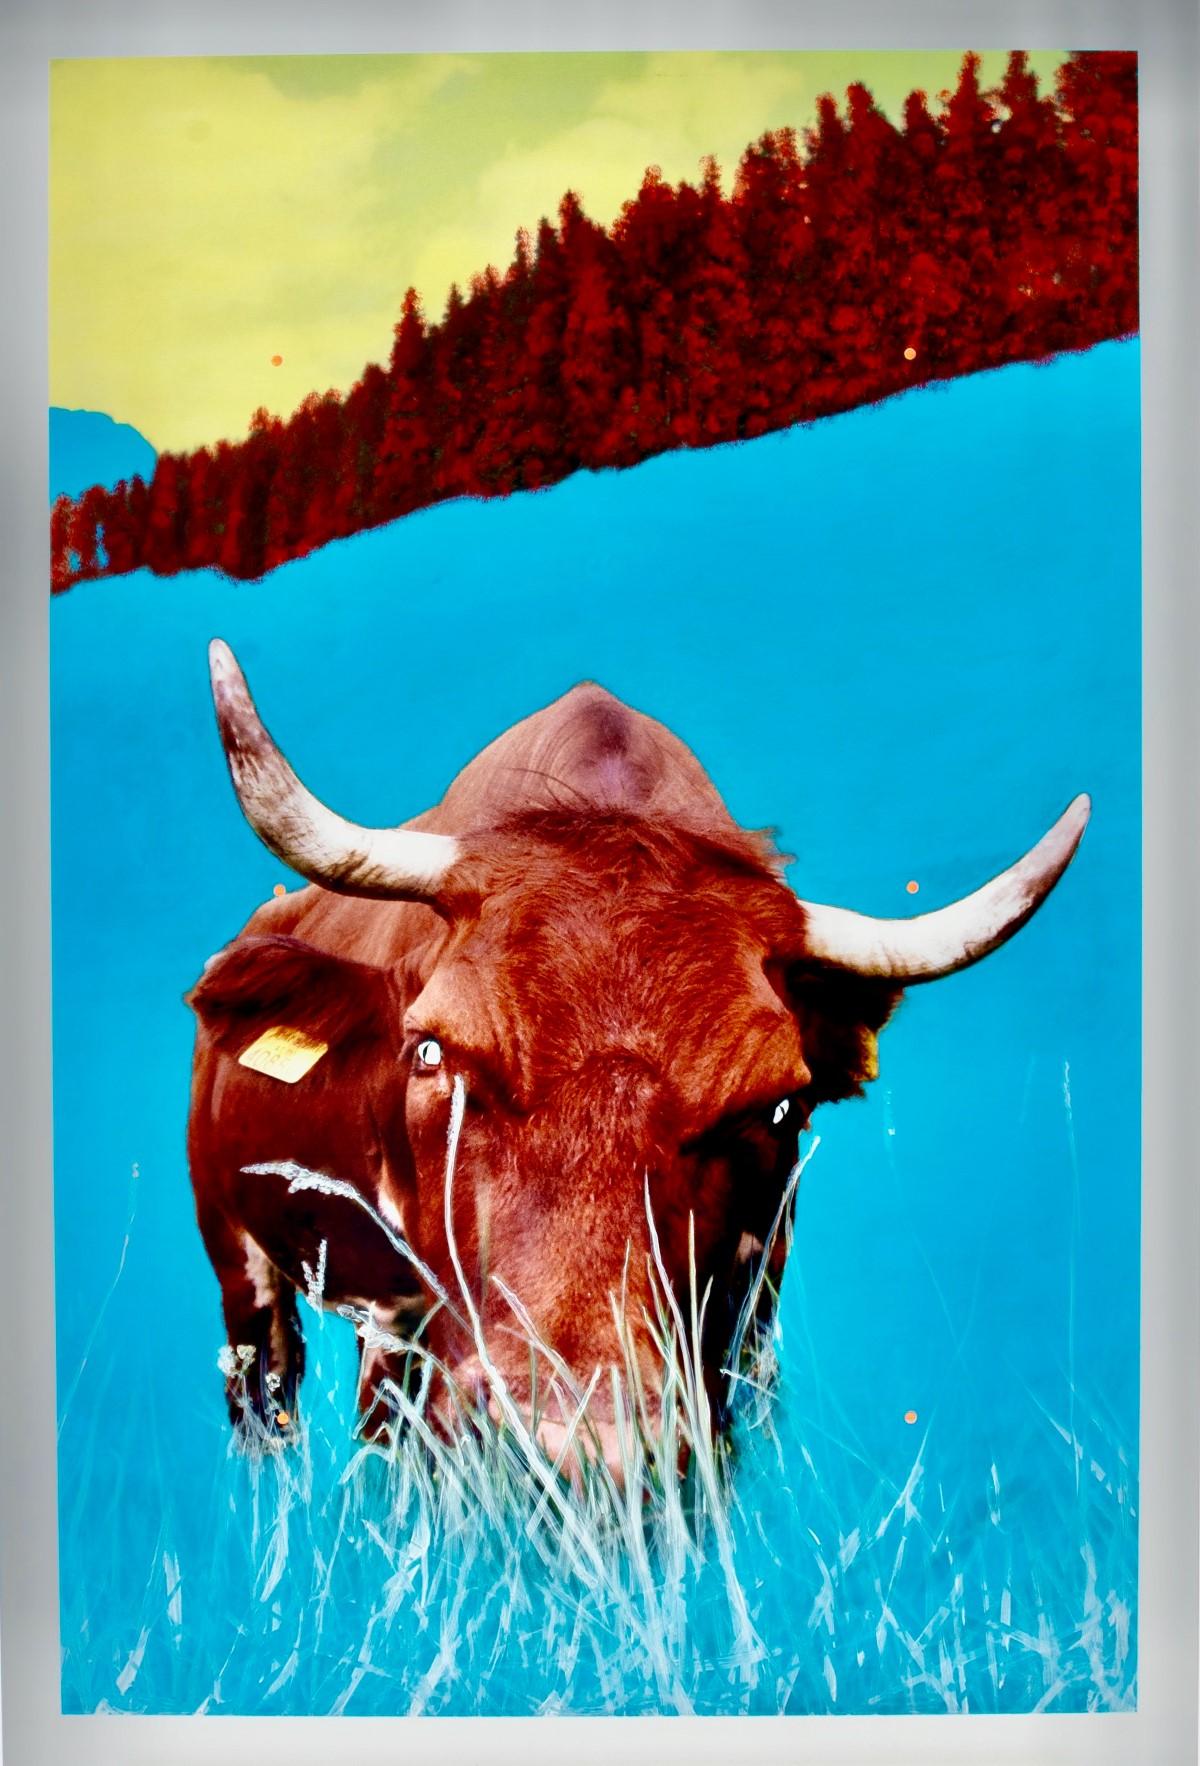 #52 Stefan Waibl (1970), Alpenwarrior | Stefan Waibl (1970) , Alpenwarrior Image